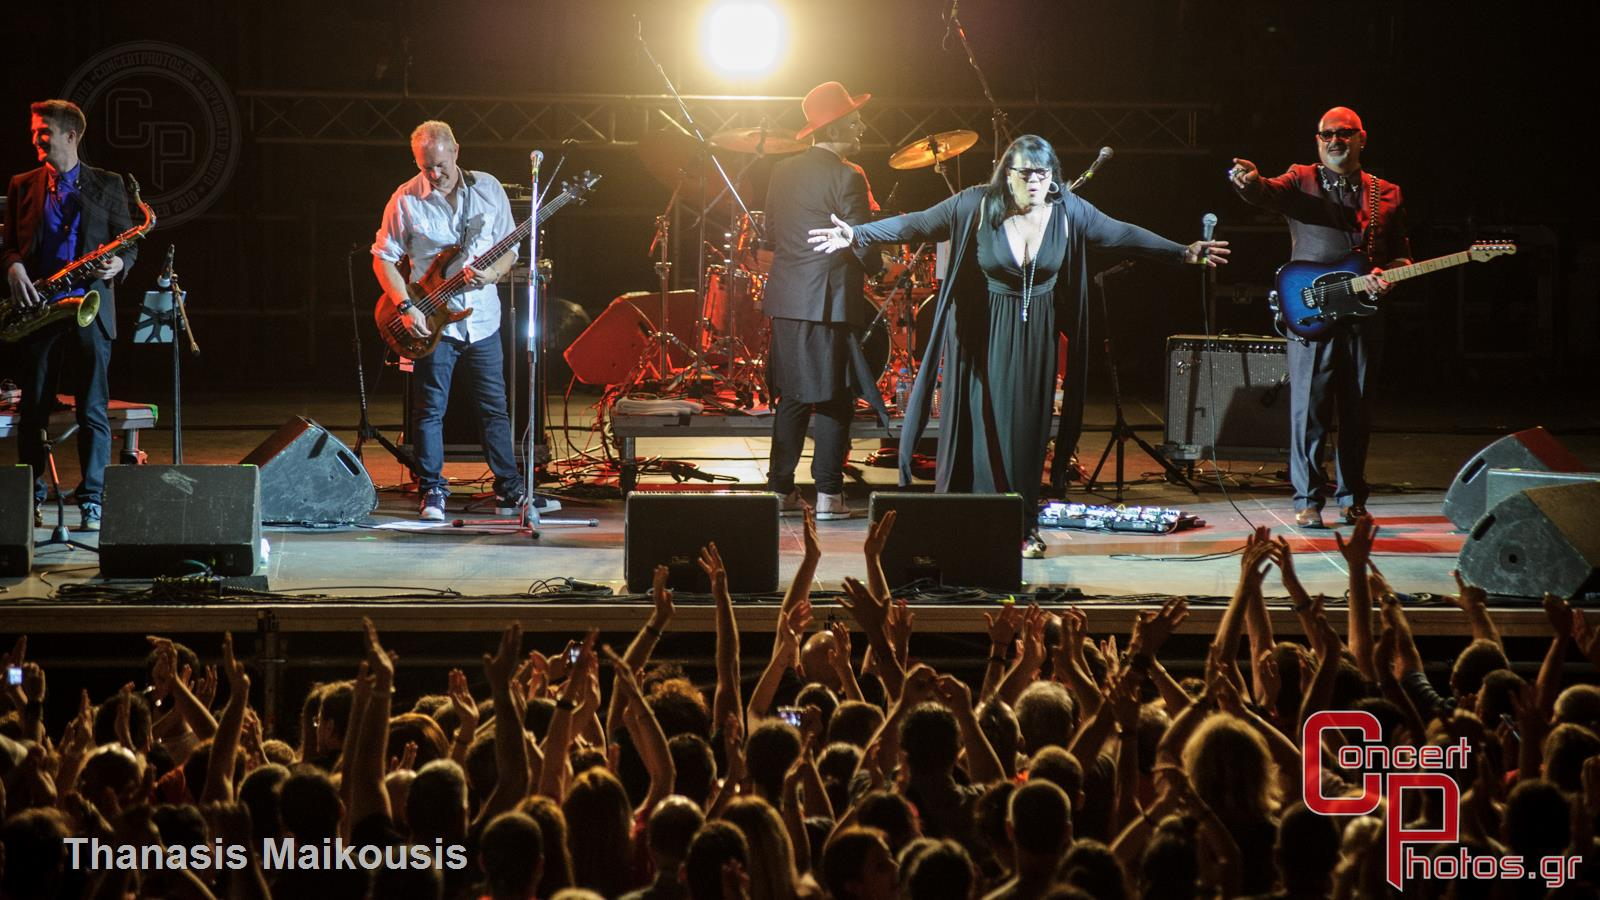 En Lefko 2014-En Lefko 2014 photographer: Thanasis Maikousis - concertphotos_20140621_23_55_47